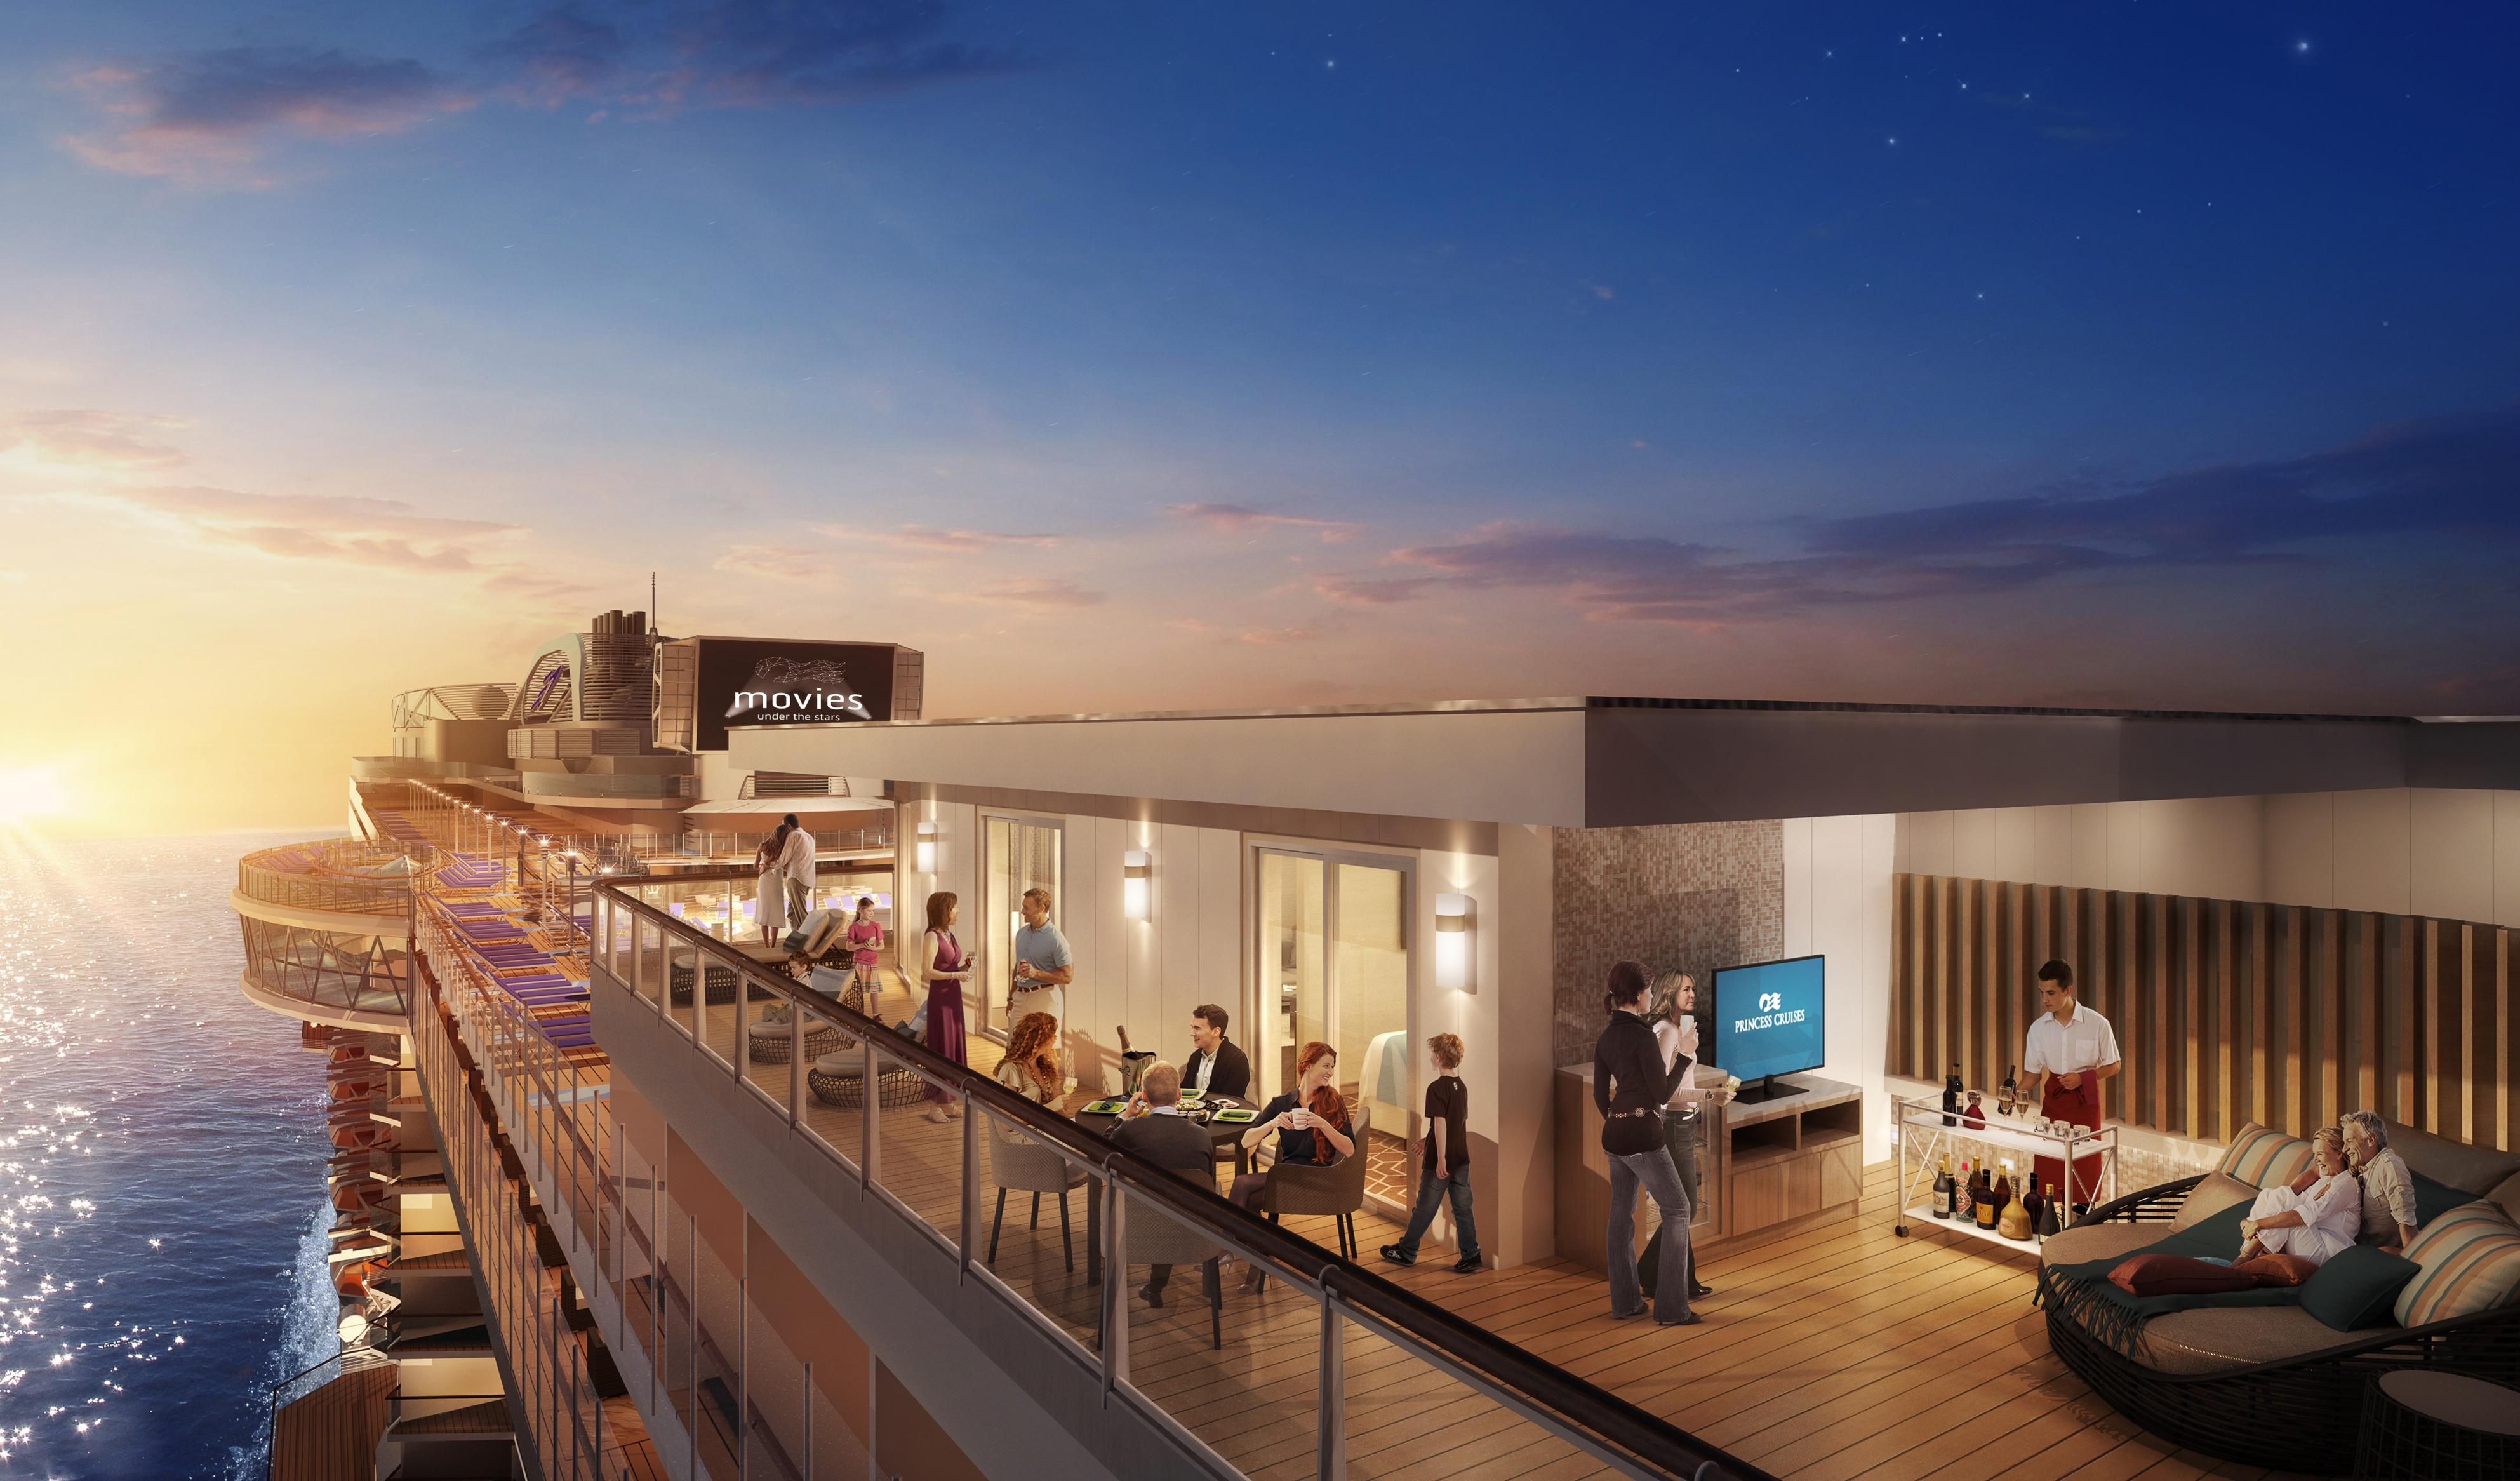 Den größten Balkon auf See baut Princess Cruises an Bord der neuen Sky Princess, die im Oktober 2019 auf den Markt kommt.